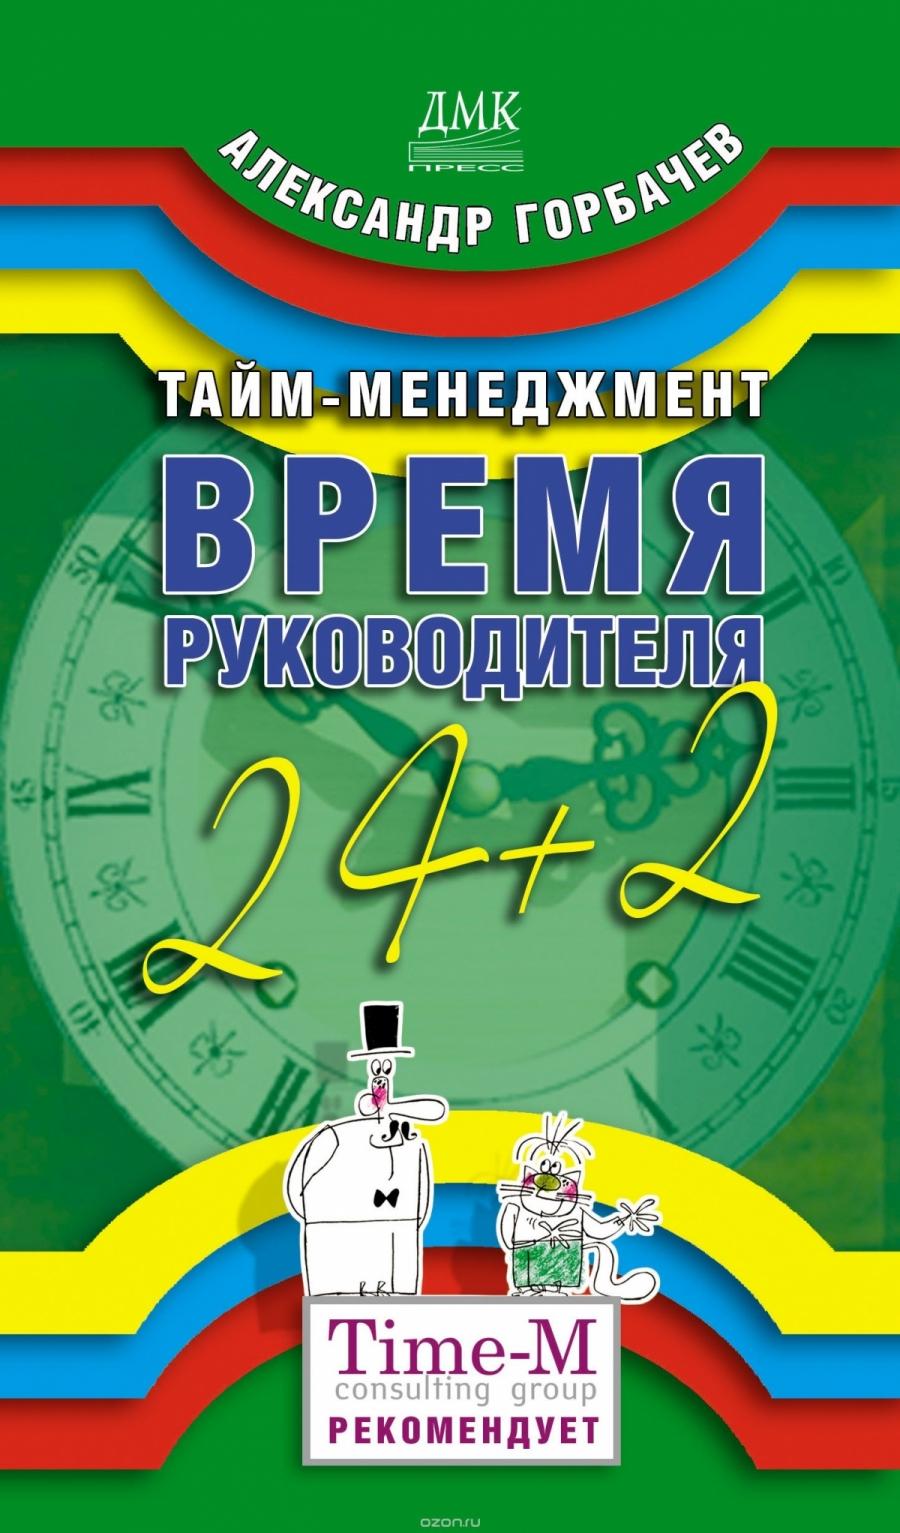 Обложка книги:  александр горбачев - тайм-менеджмент. время руководителя